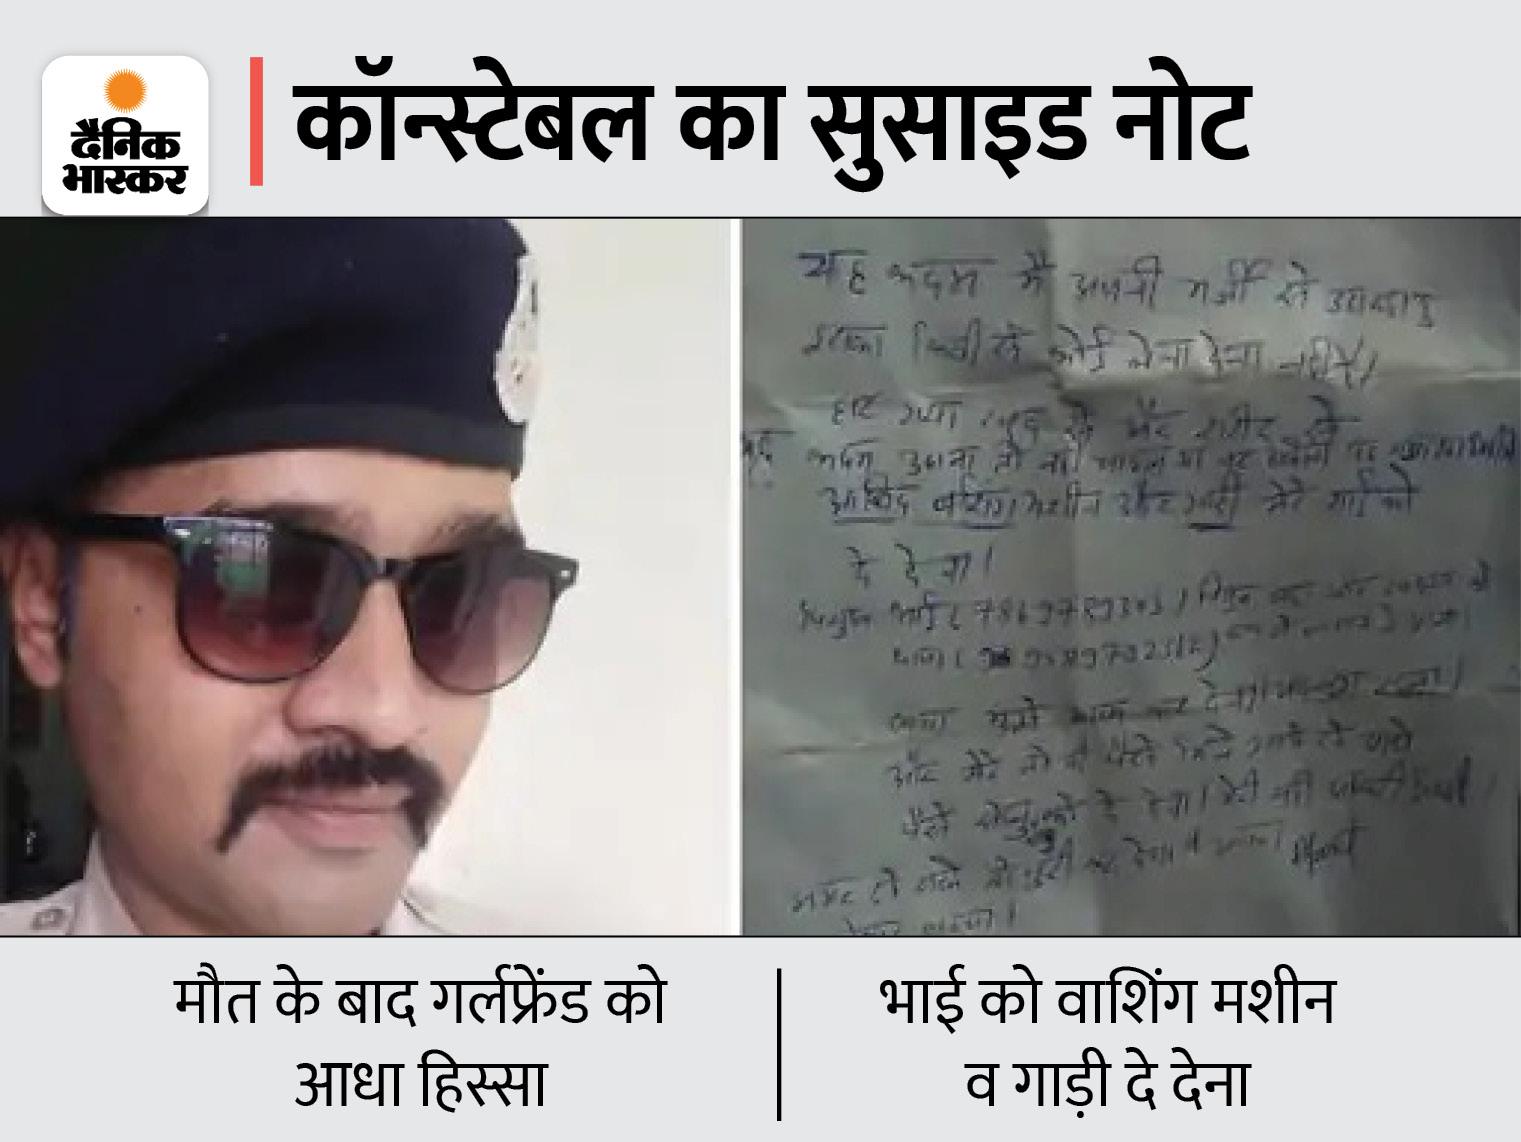 शादीशुदा महिला पर आया दिल तो परिवार से दूर हुआ; आखिरी नोट में लिखा- आधे पैसे 'सोनू बाबू' को देना खंडवा,Khandwa - Dainik Bhaskar